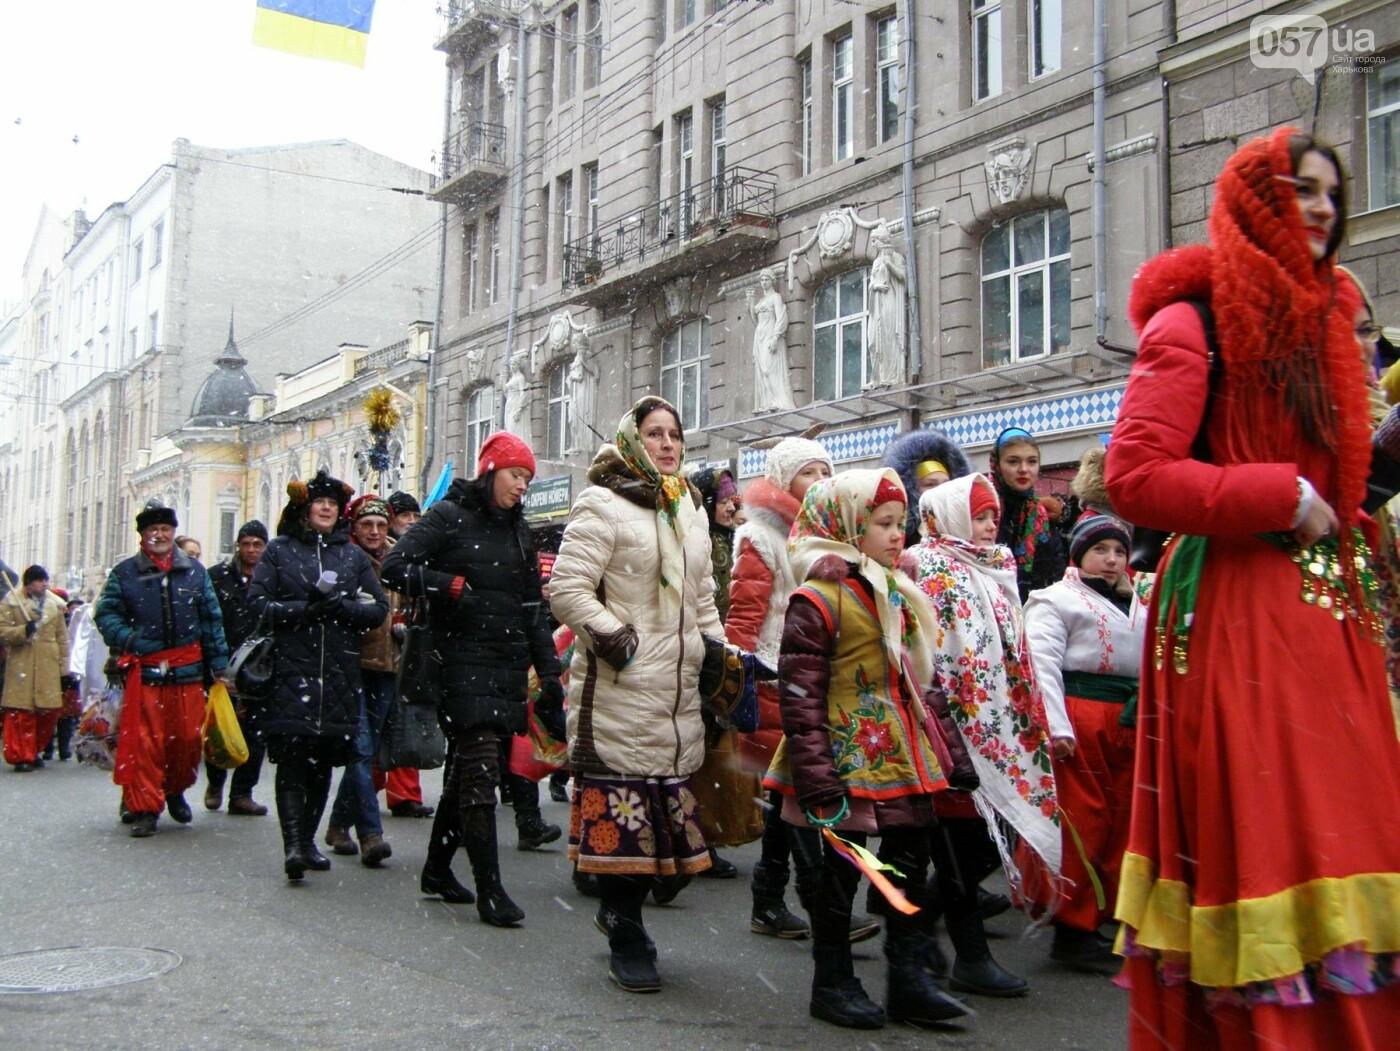 Харьков заполонили ангелы, козы и черти: в городе прошел масштабный фестиваль вертепов (ФОТО), фото-14